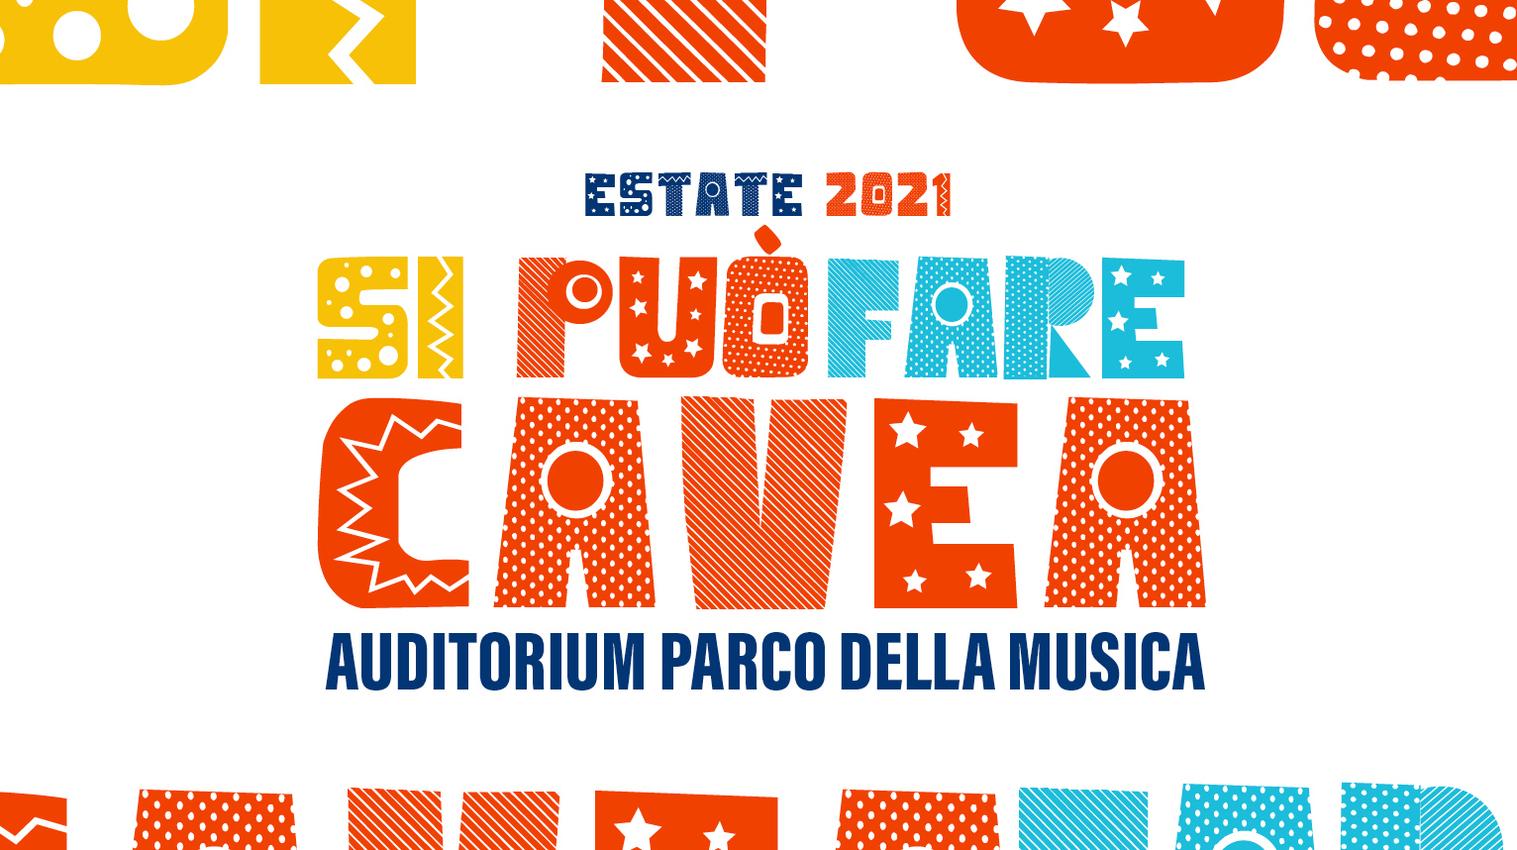 AUDITORIUM PARCO DELLA MUSICA4-28 SETTEMBREROMA